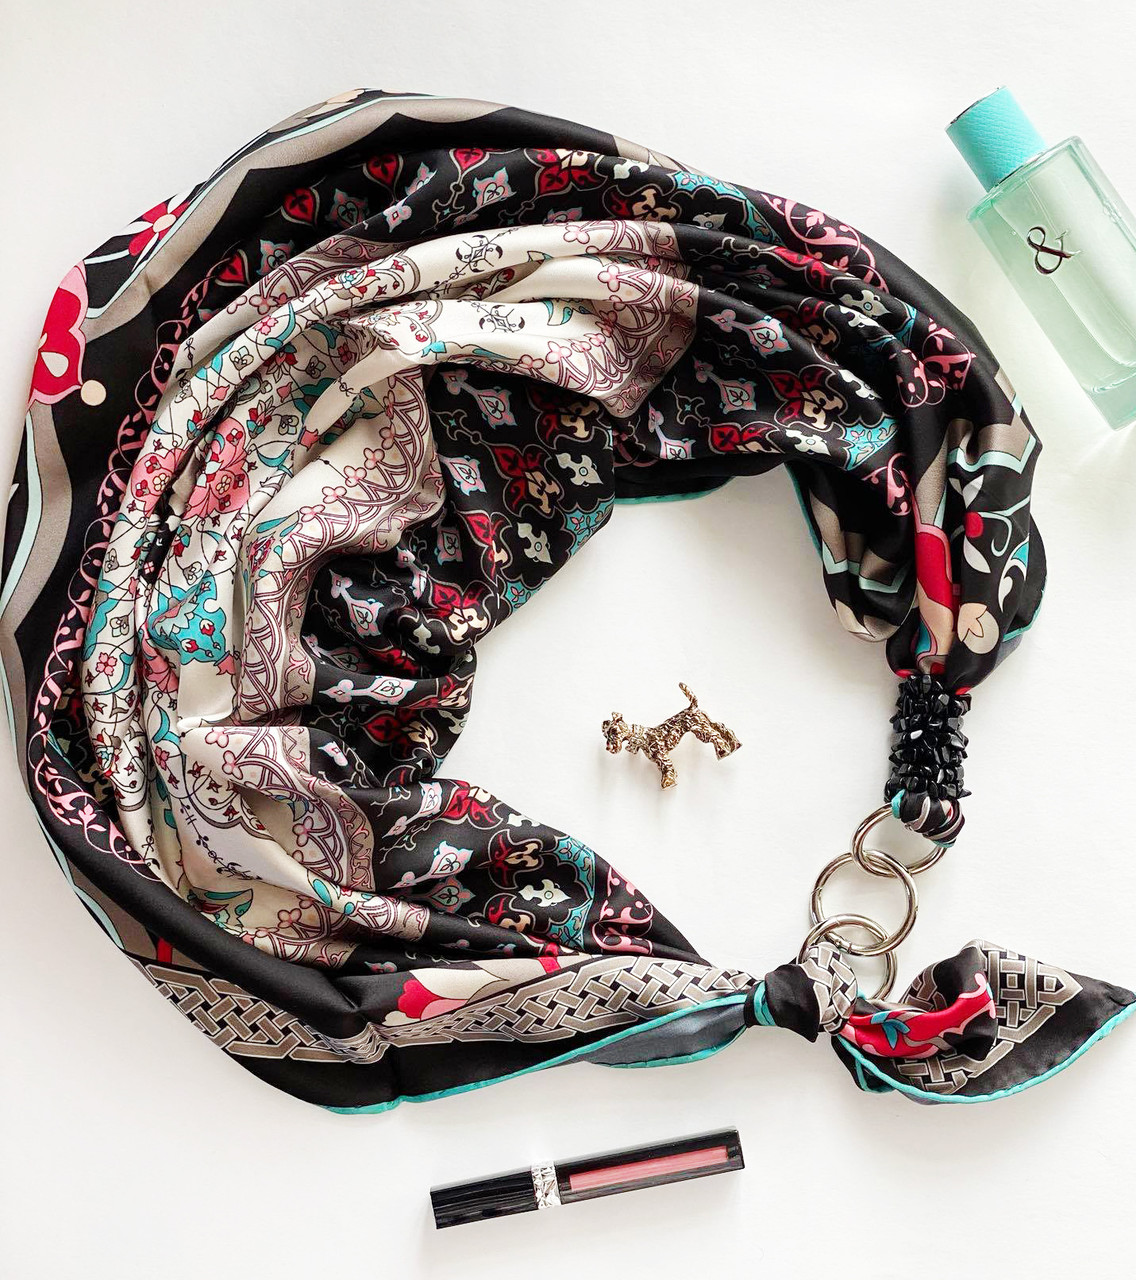 """Шовковий хустку """"блек баккара"""" від бренду my scarf, подарунок жінці. преміум колекція!"""